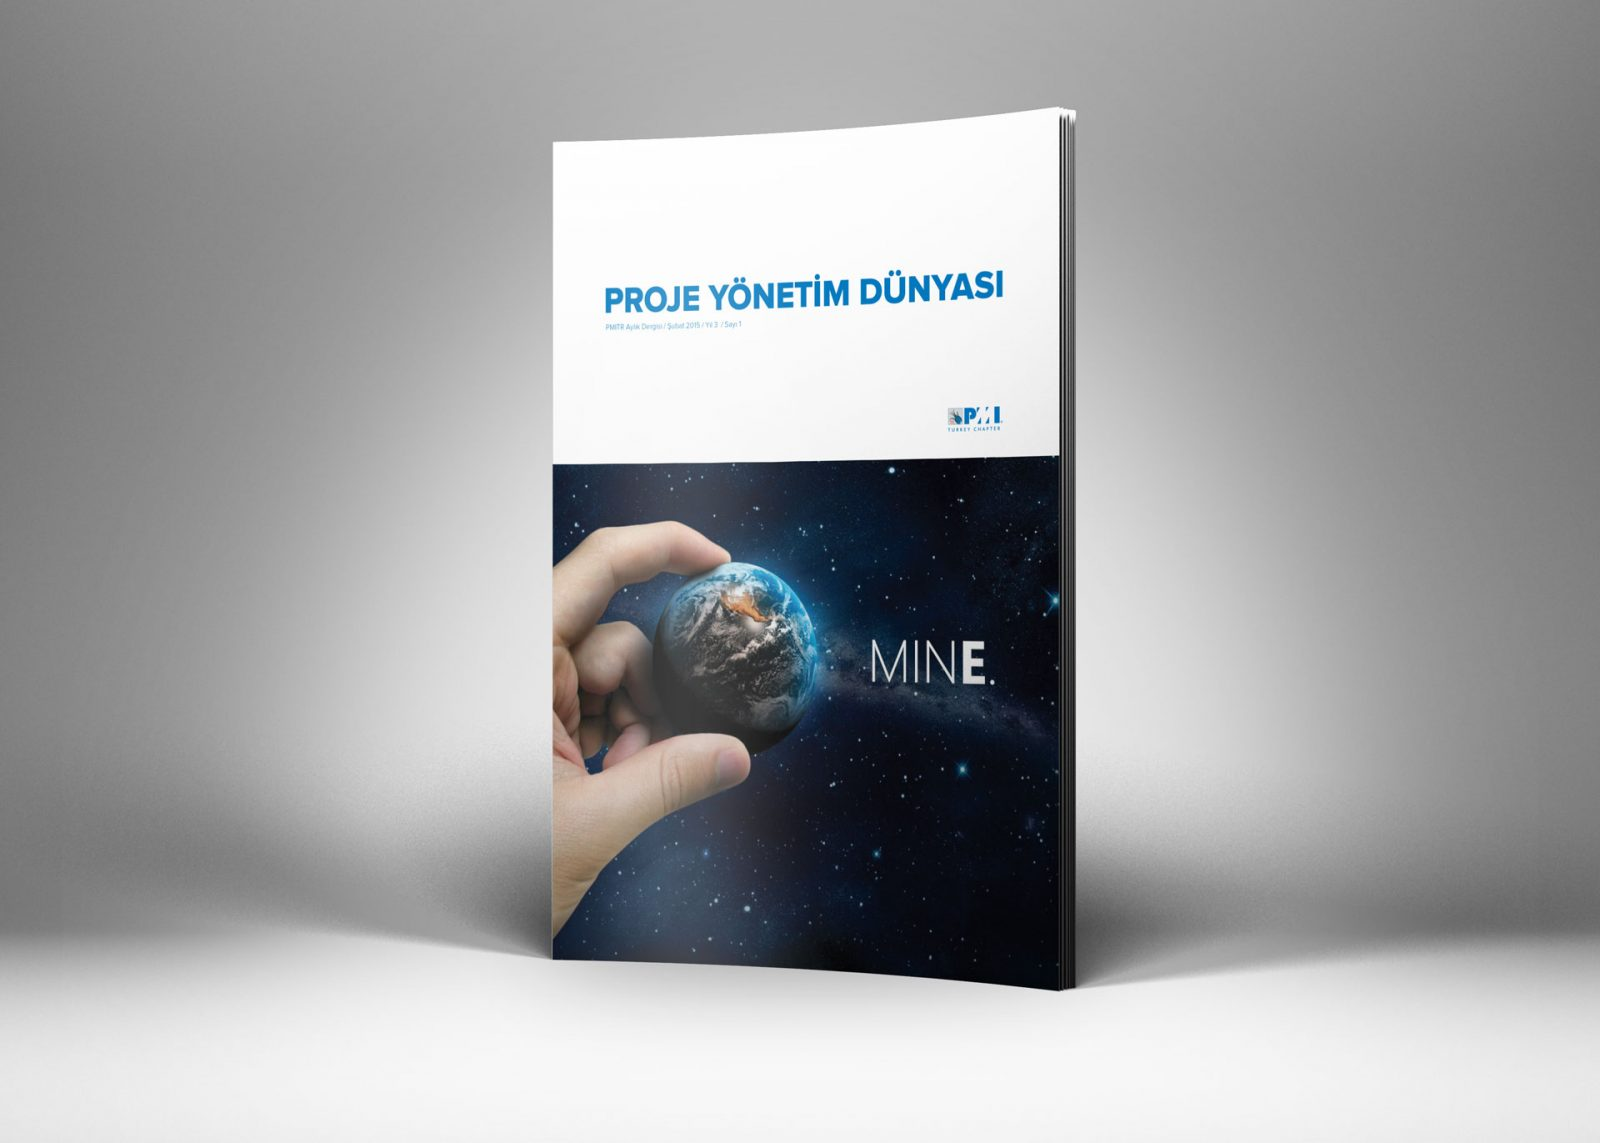 pmi tr dergi tasarımı sayı 1